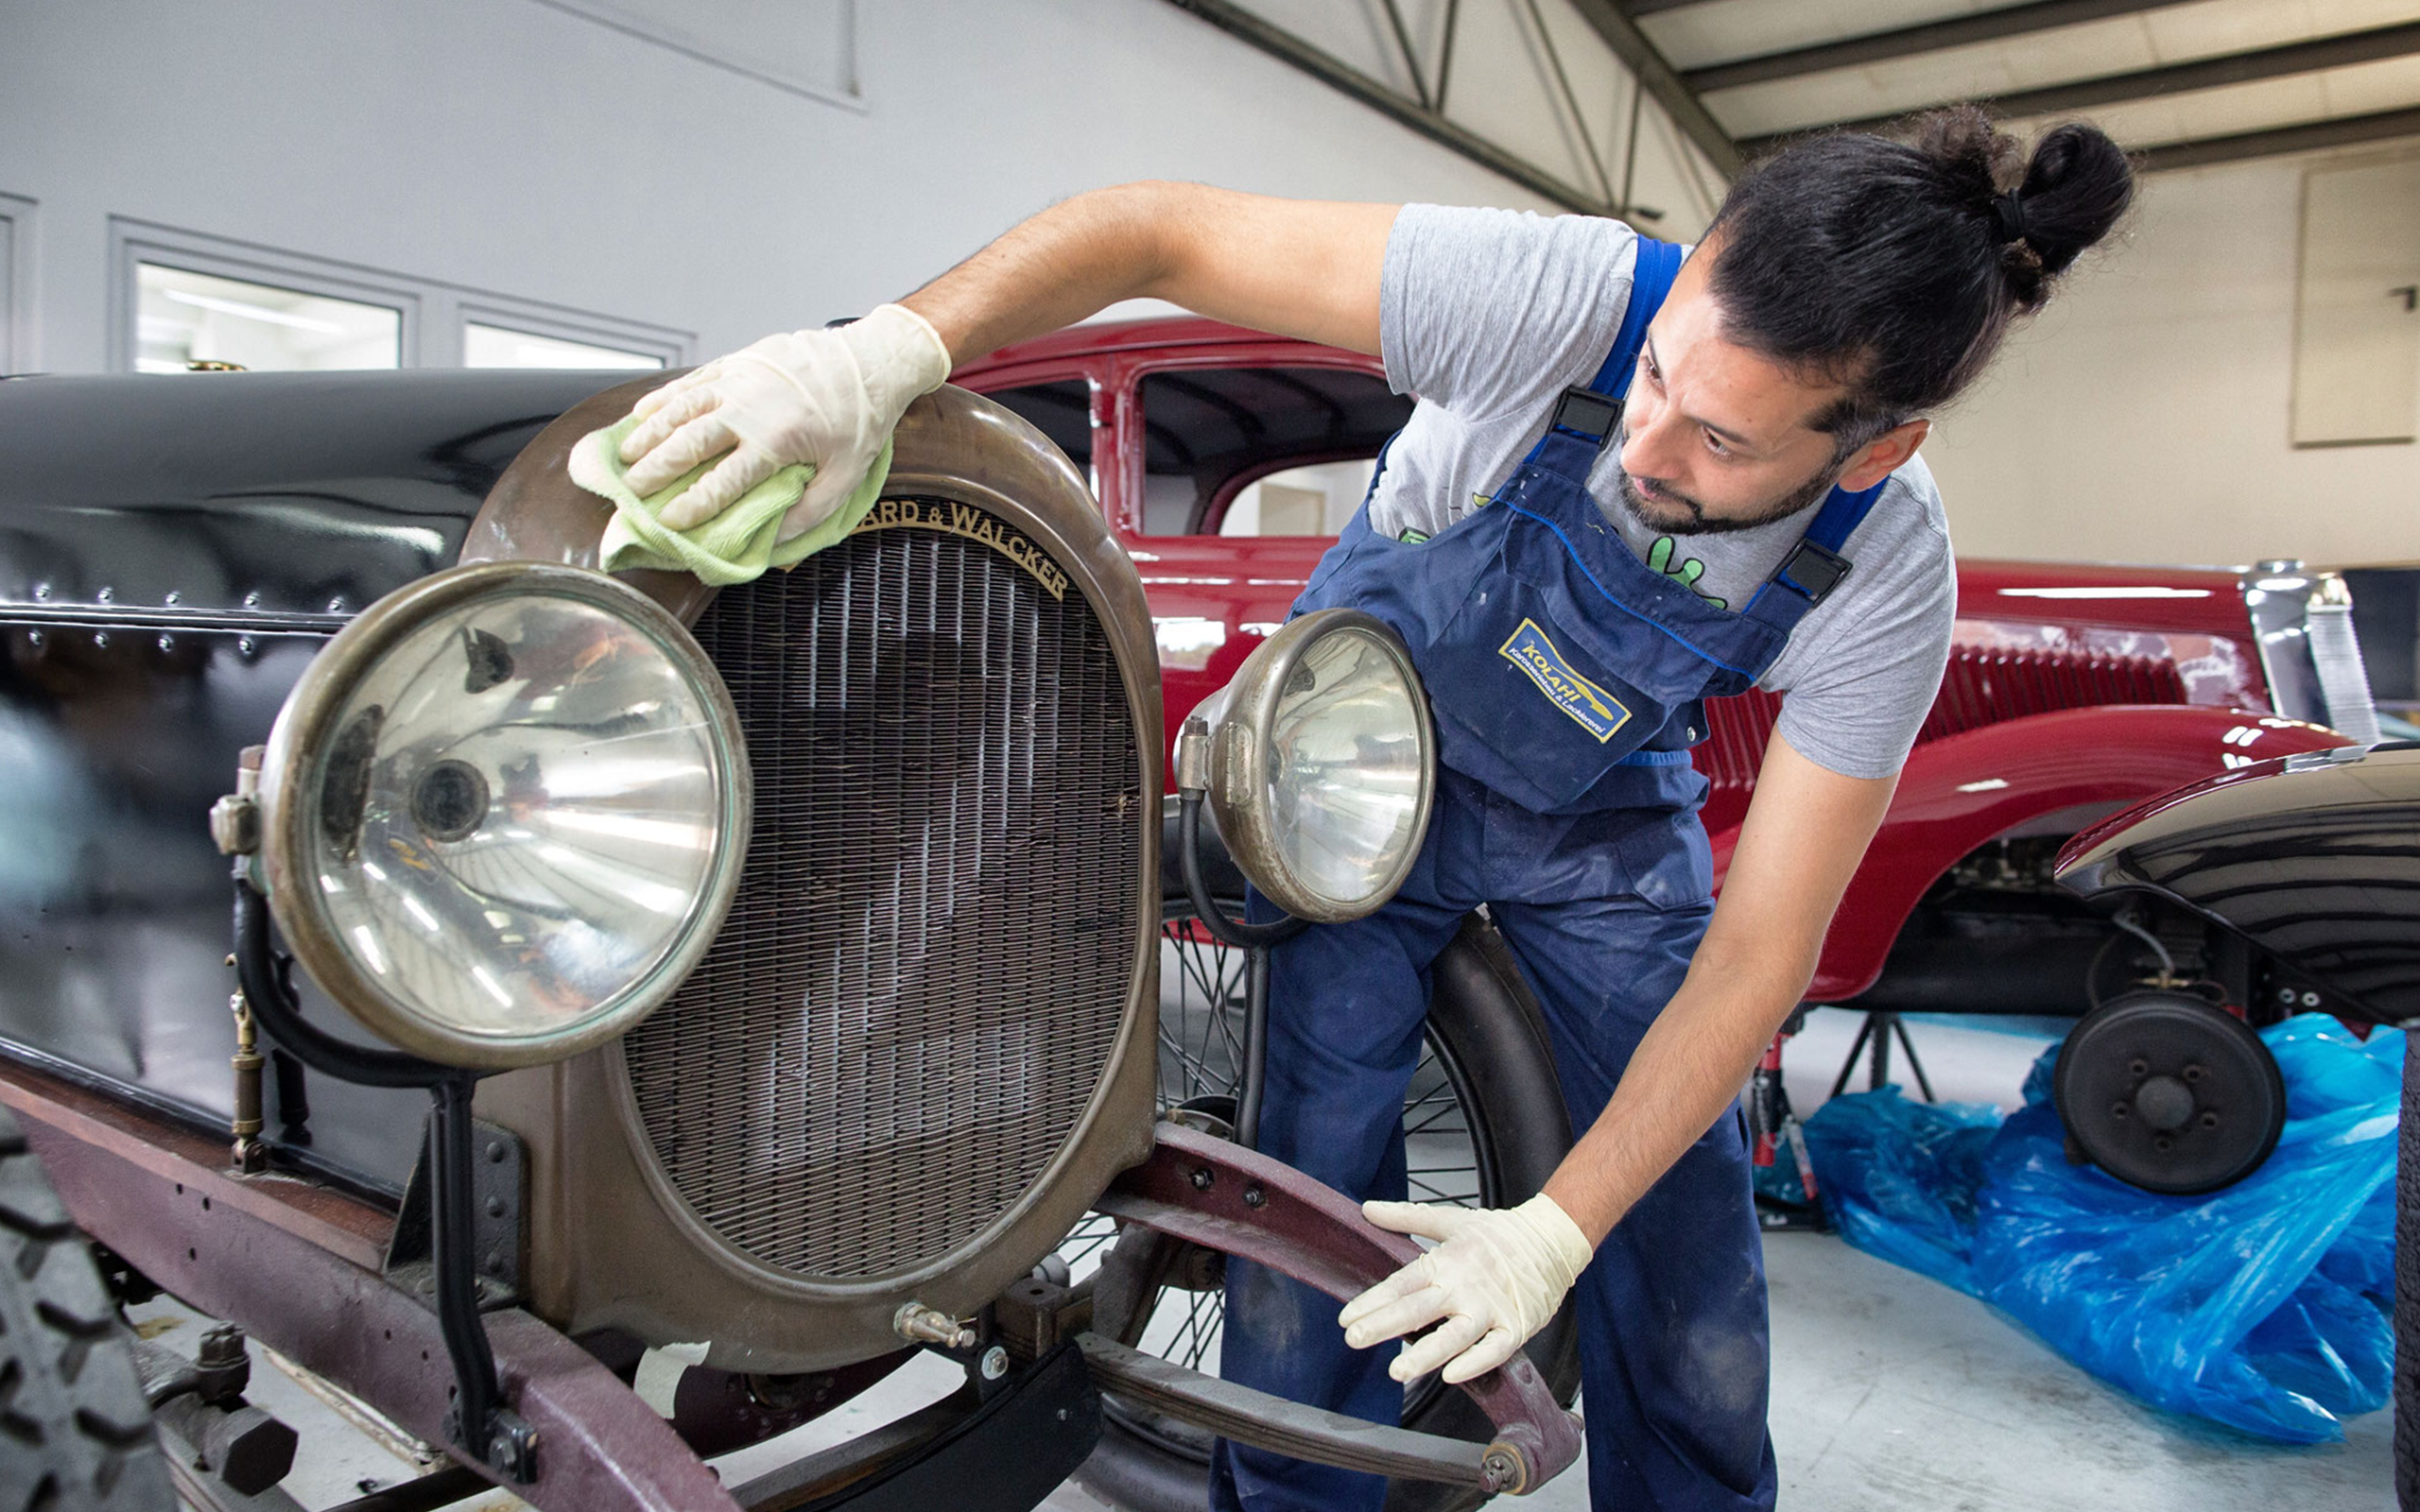 Mitarbeiter poliert das Auto - Oldtimer Restauration - Karosseriebau und Lackiererei Kolahi e.k. seit 1997 in Mönchengladbach